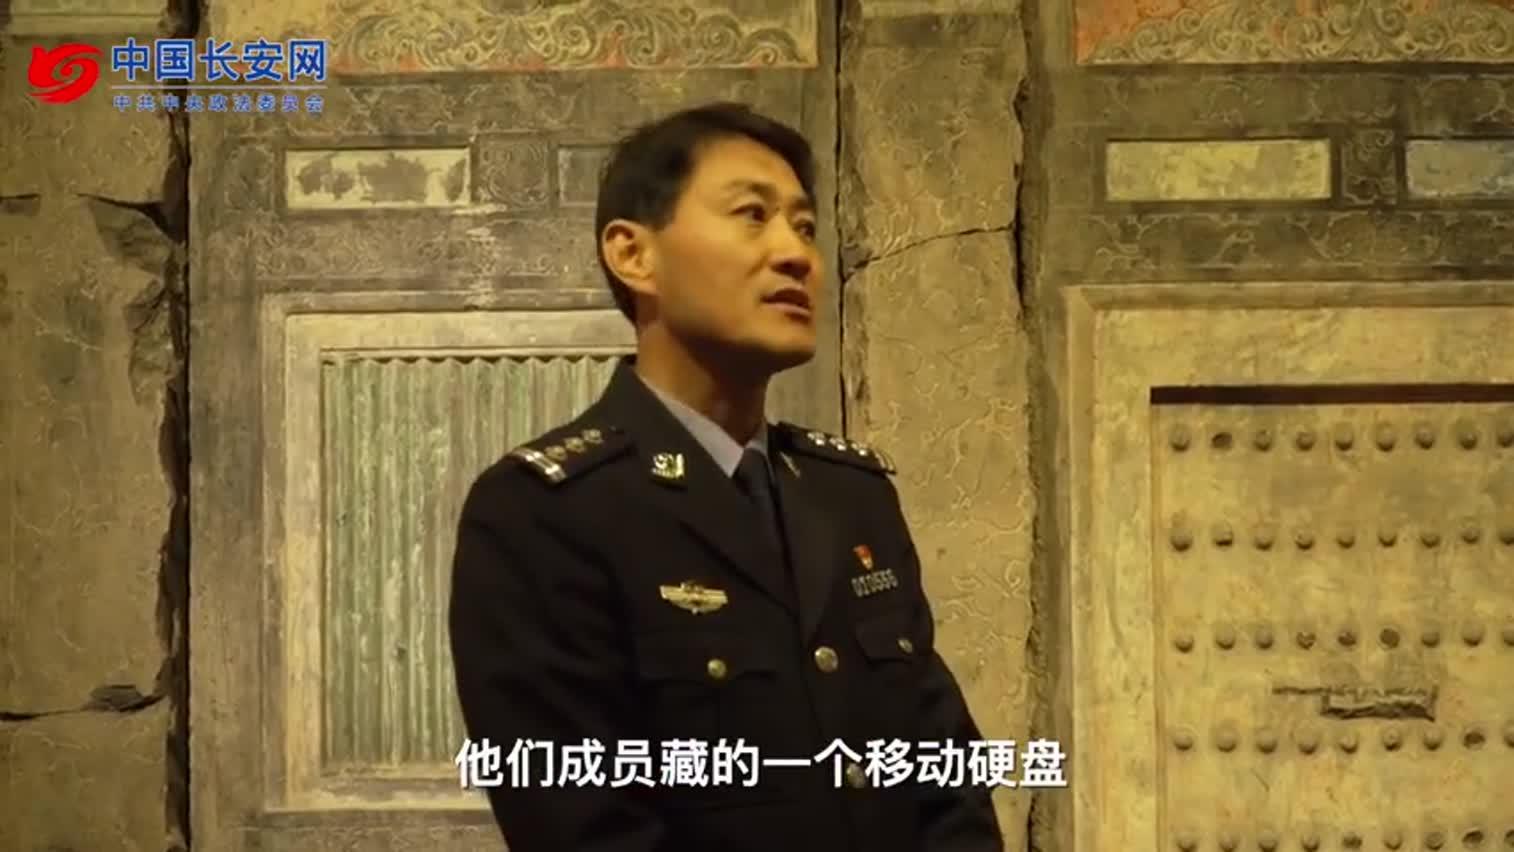 视频:警察耗时4年追回国家宝藏 对方无条件归还